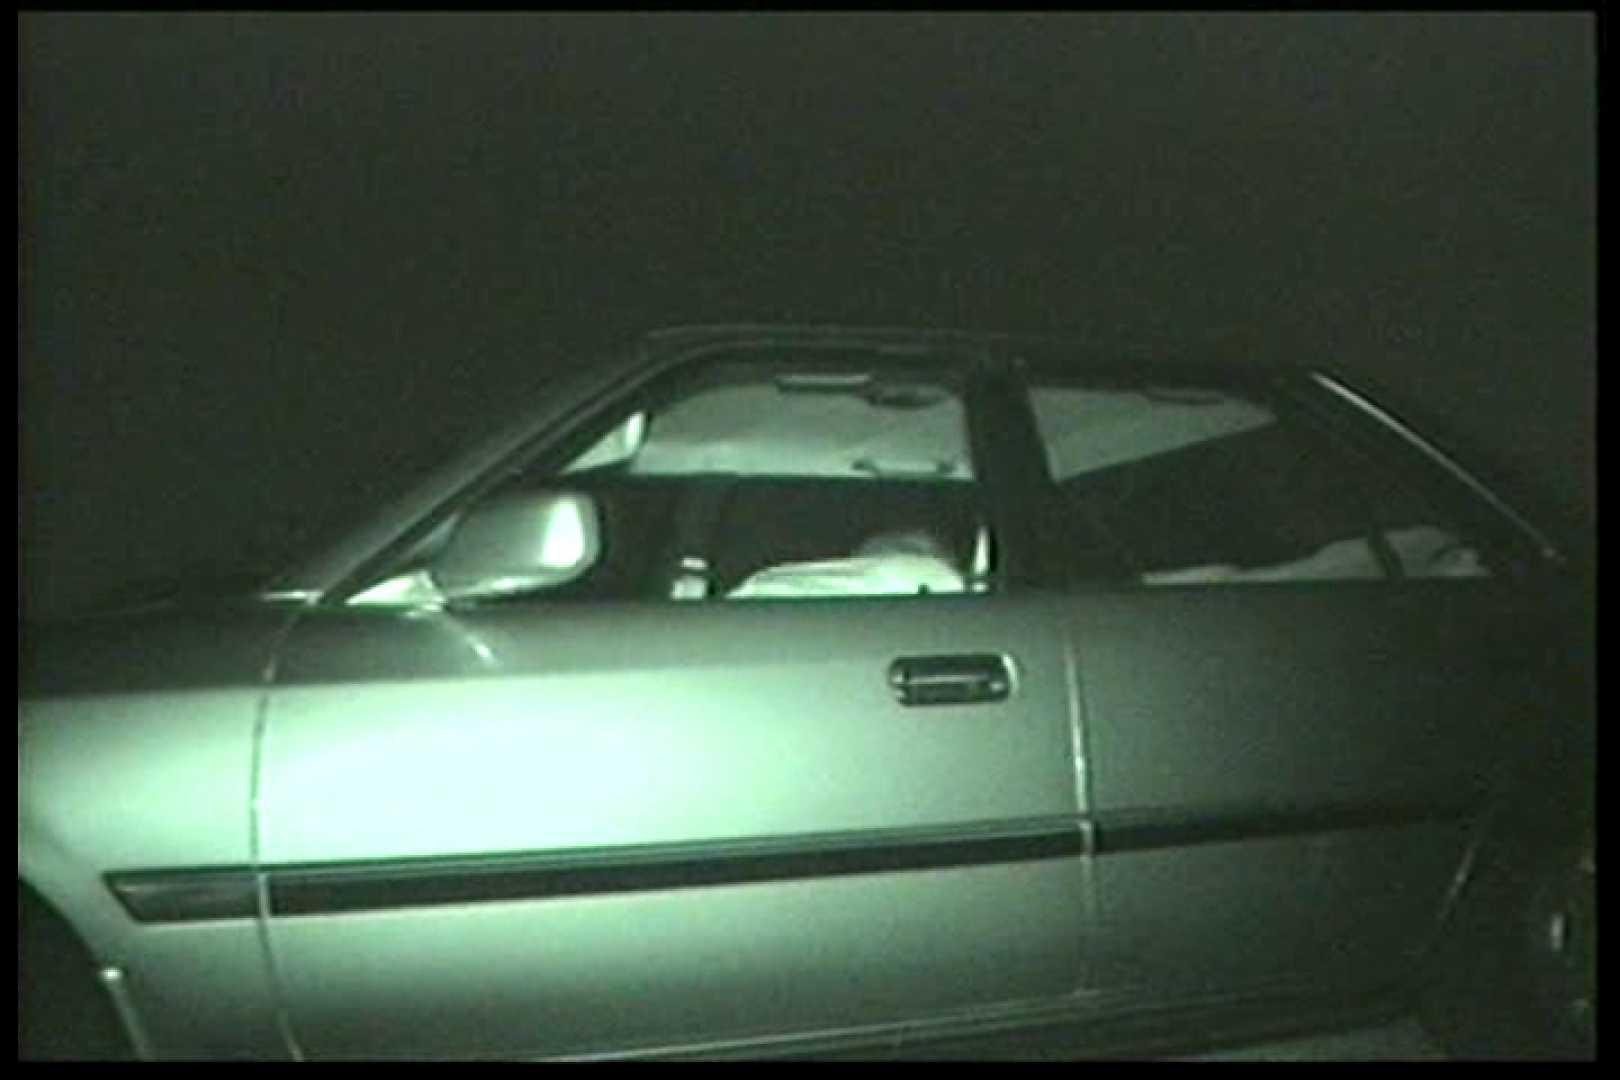 車の中はラブホテル 無修正版  Vol.15 赤外線 盗撮動画紹介 89pic 68